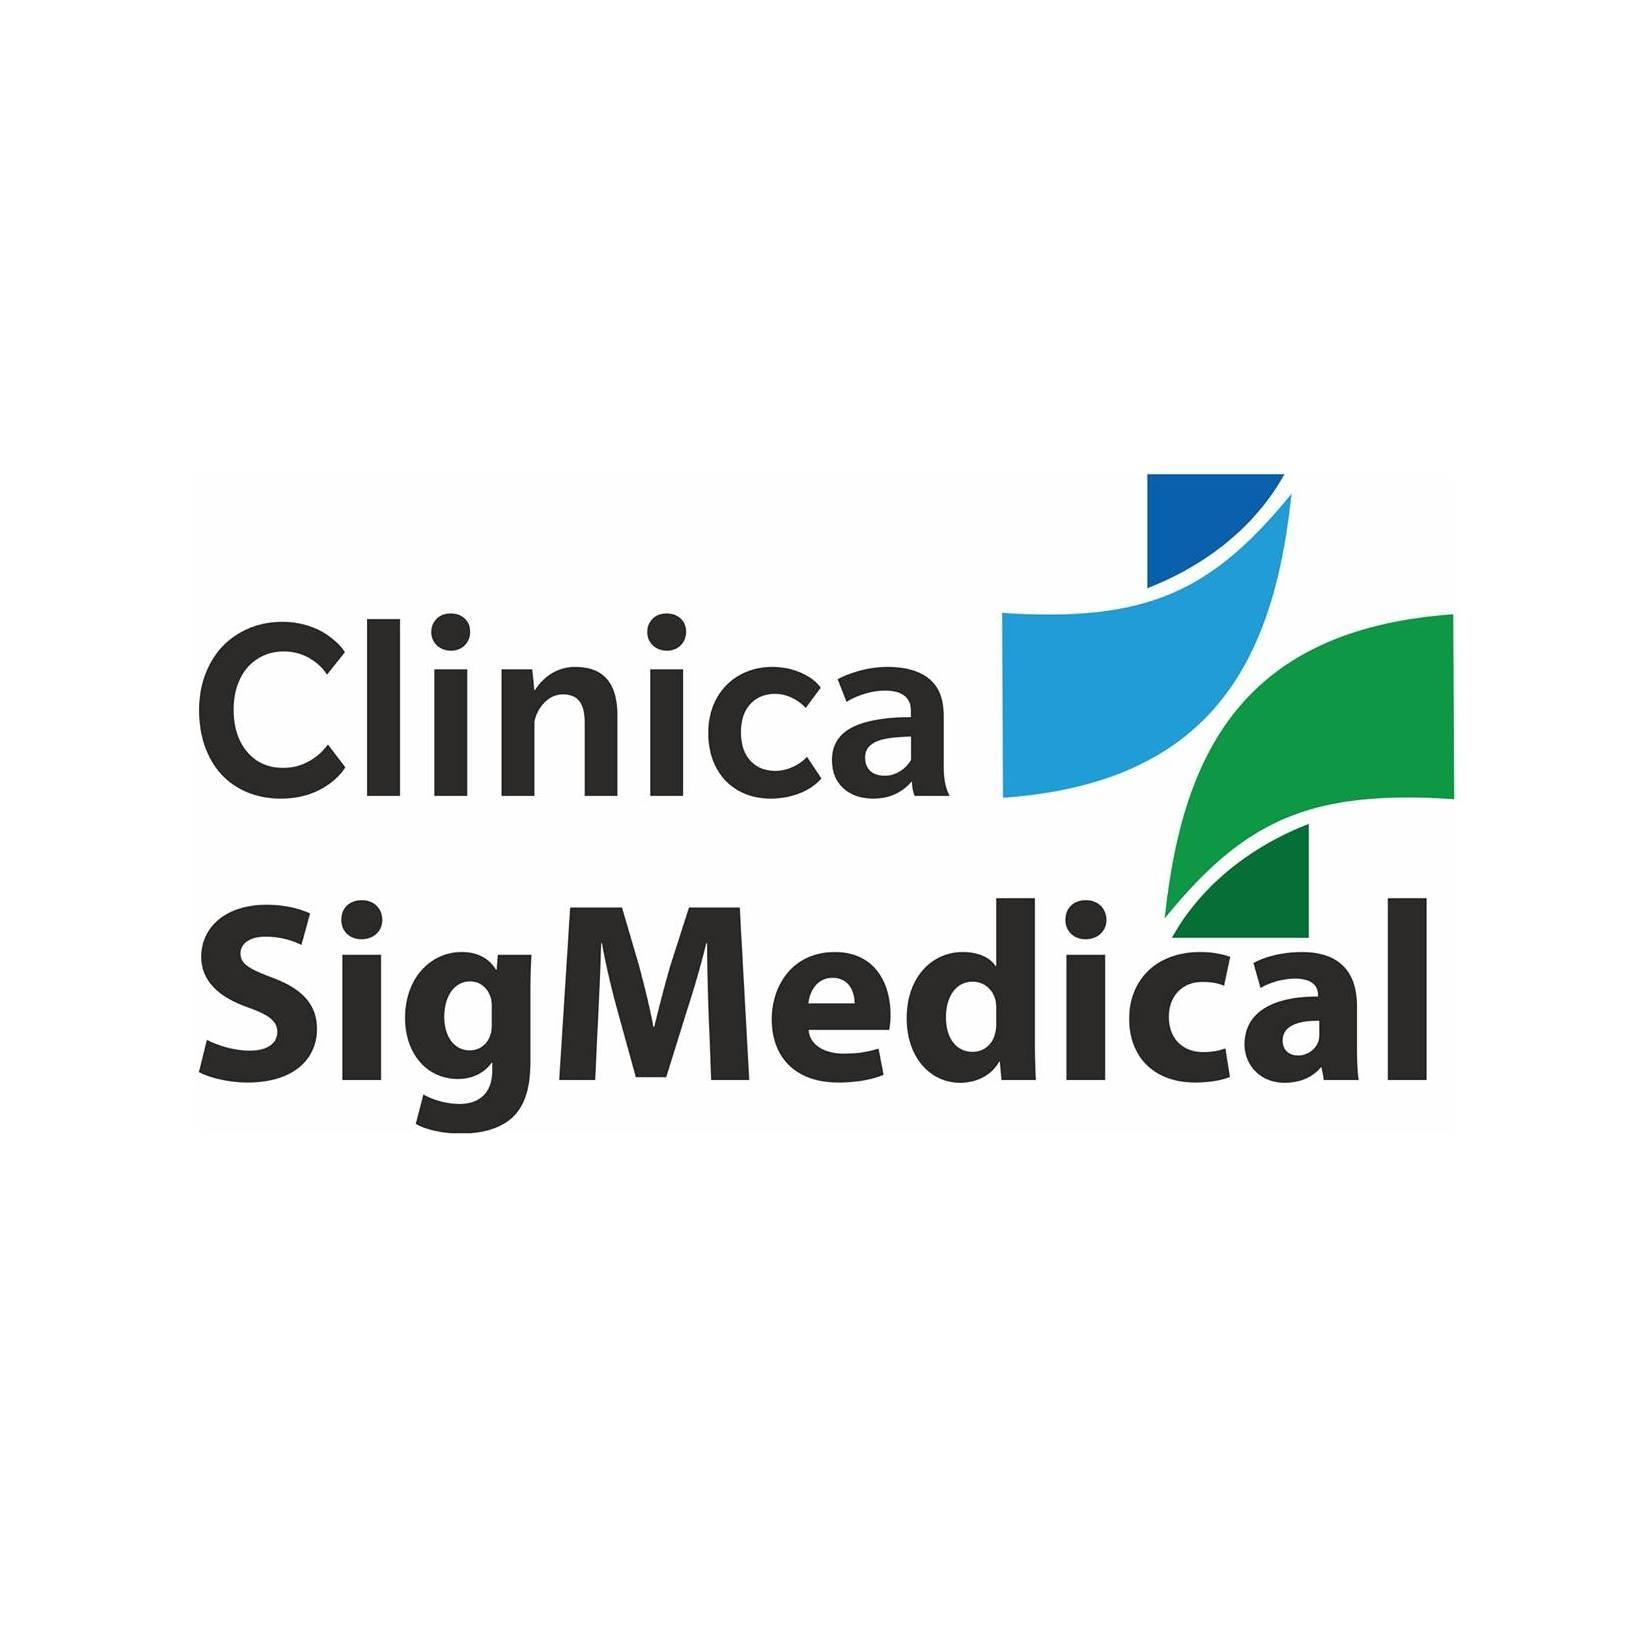 Clinica SigMedical - Suceava